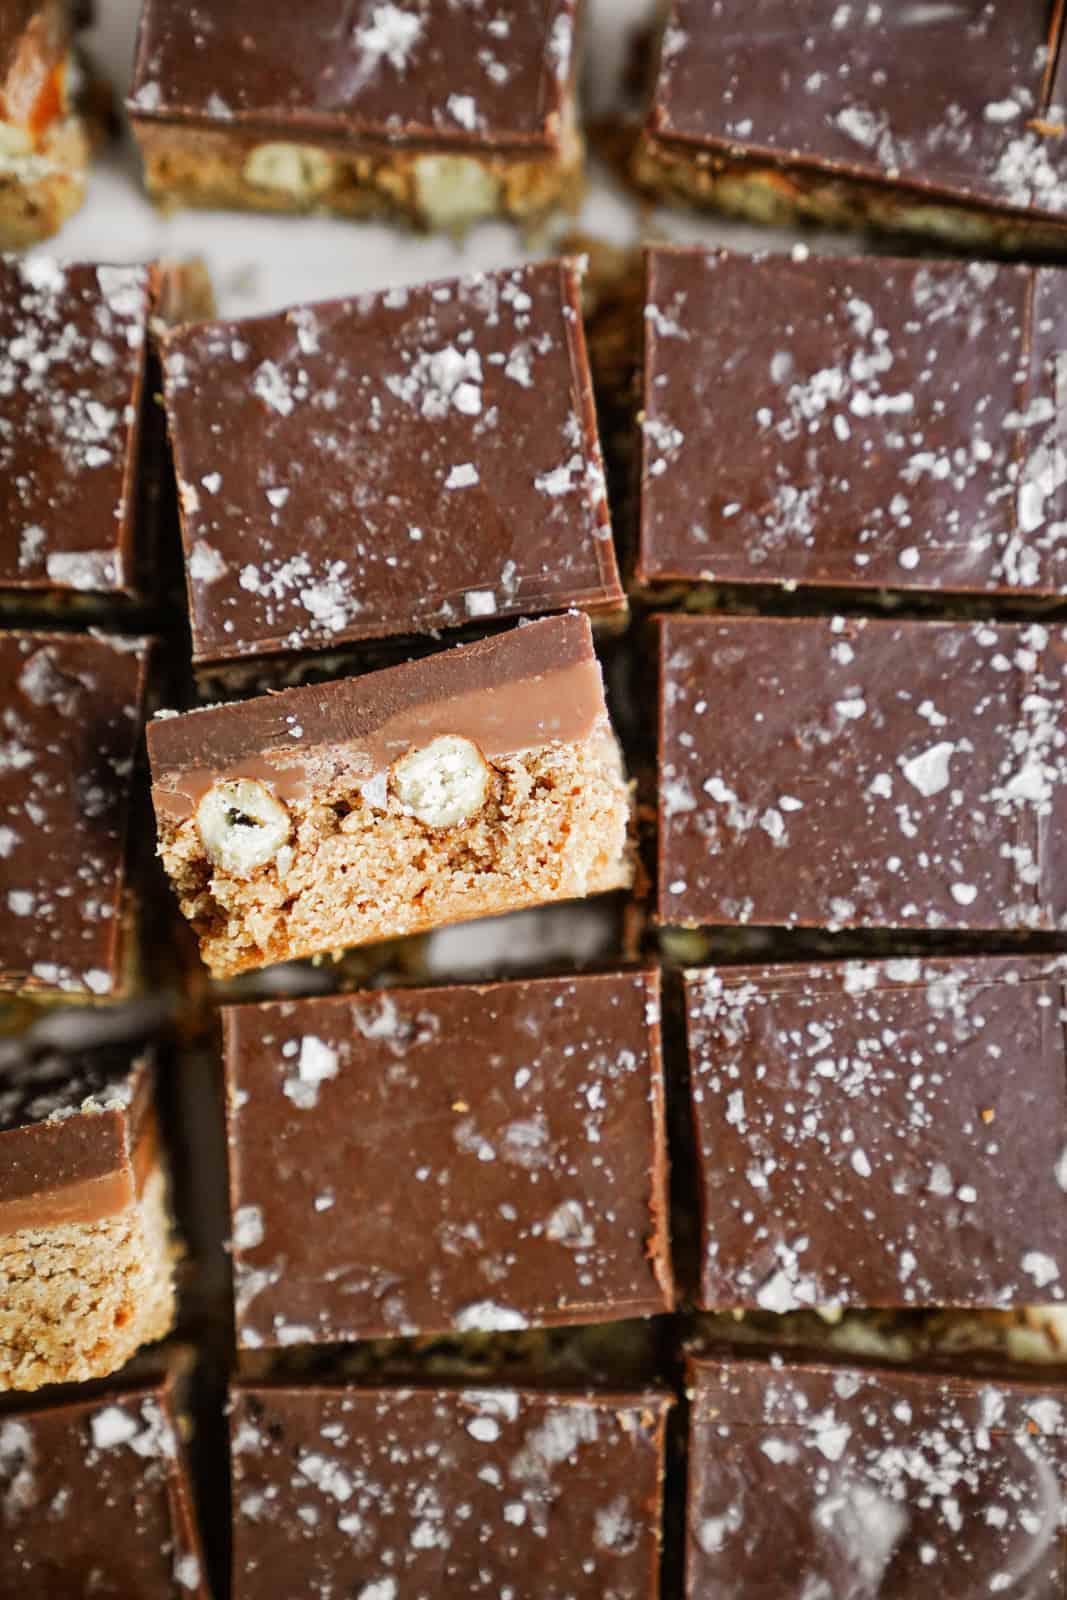 Close-up of Caramel Pretzel Bars cut into squares.